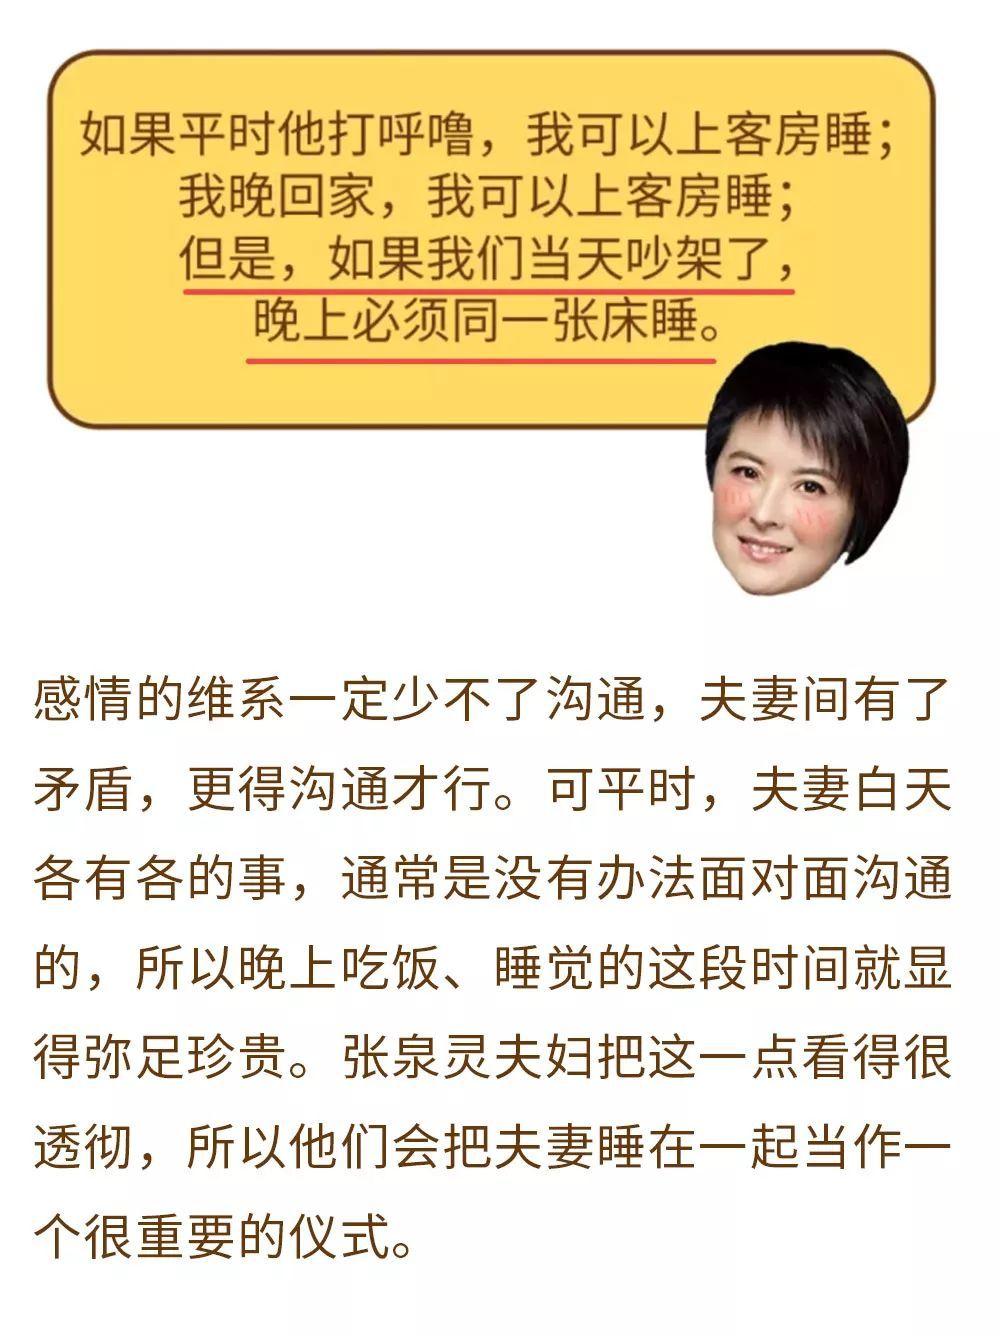 美高梅手机版官方网站 11